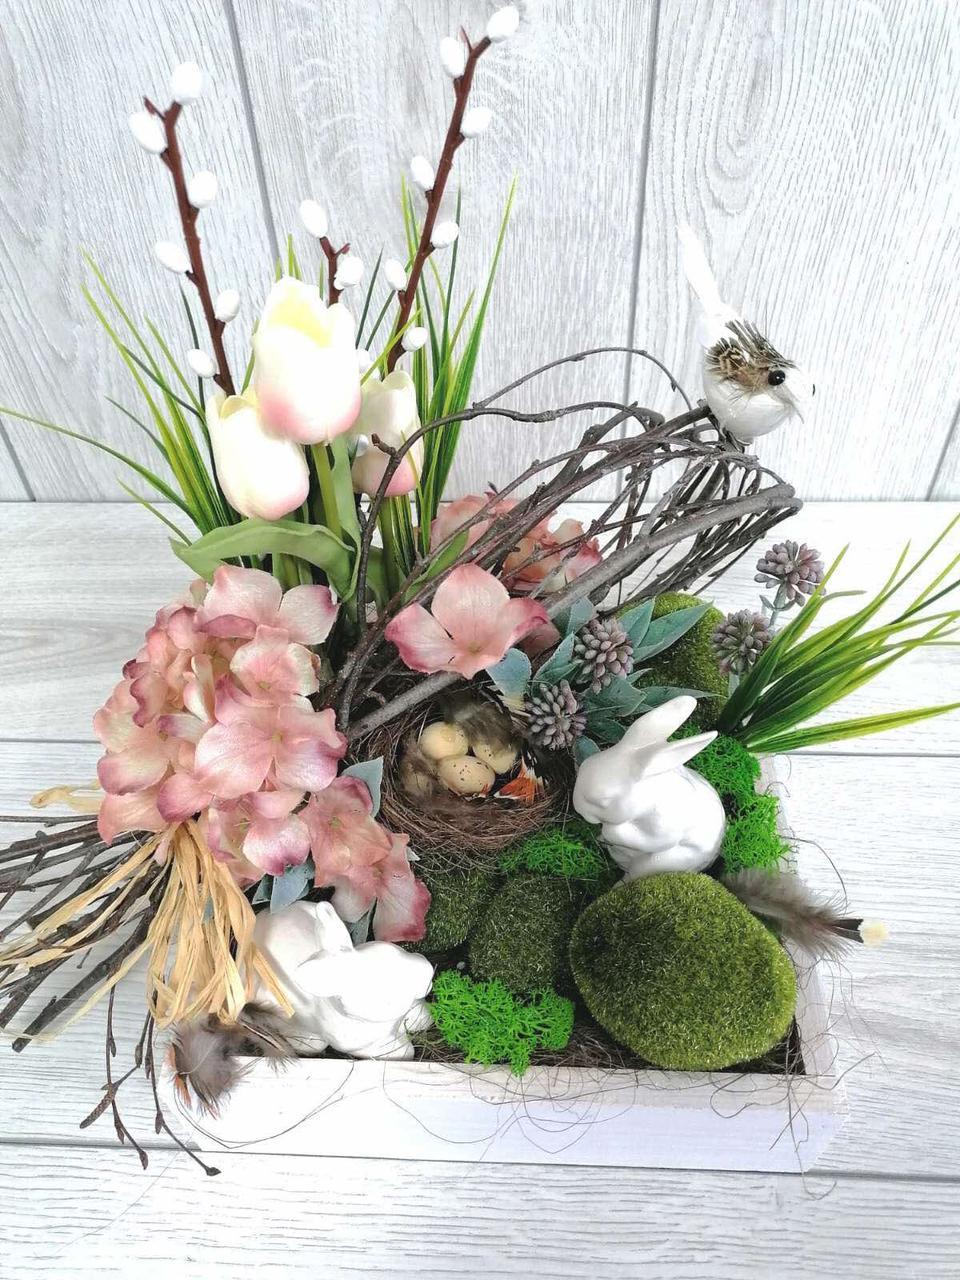 Весняна композиція з керамічними зайчиками та пташеням